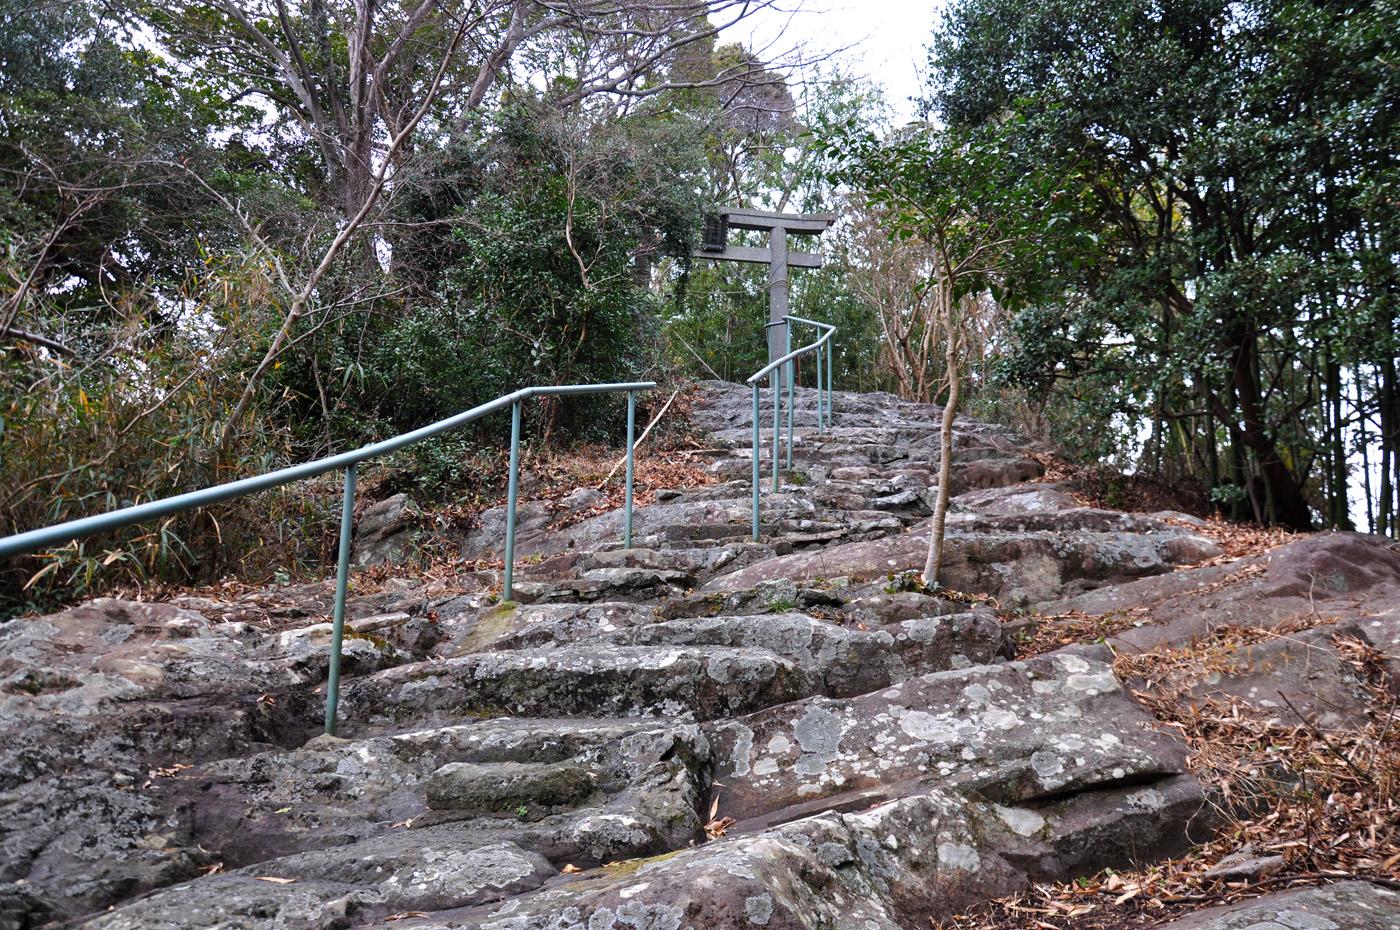 山頂の淡島神社へ続く道には火山の根の岩盤が見られる